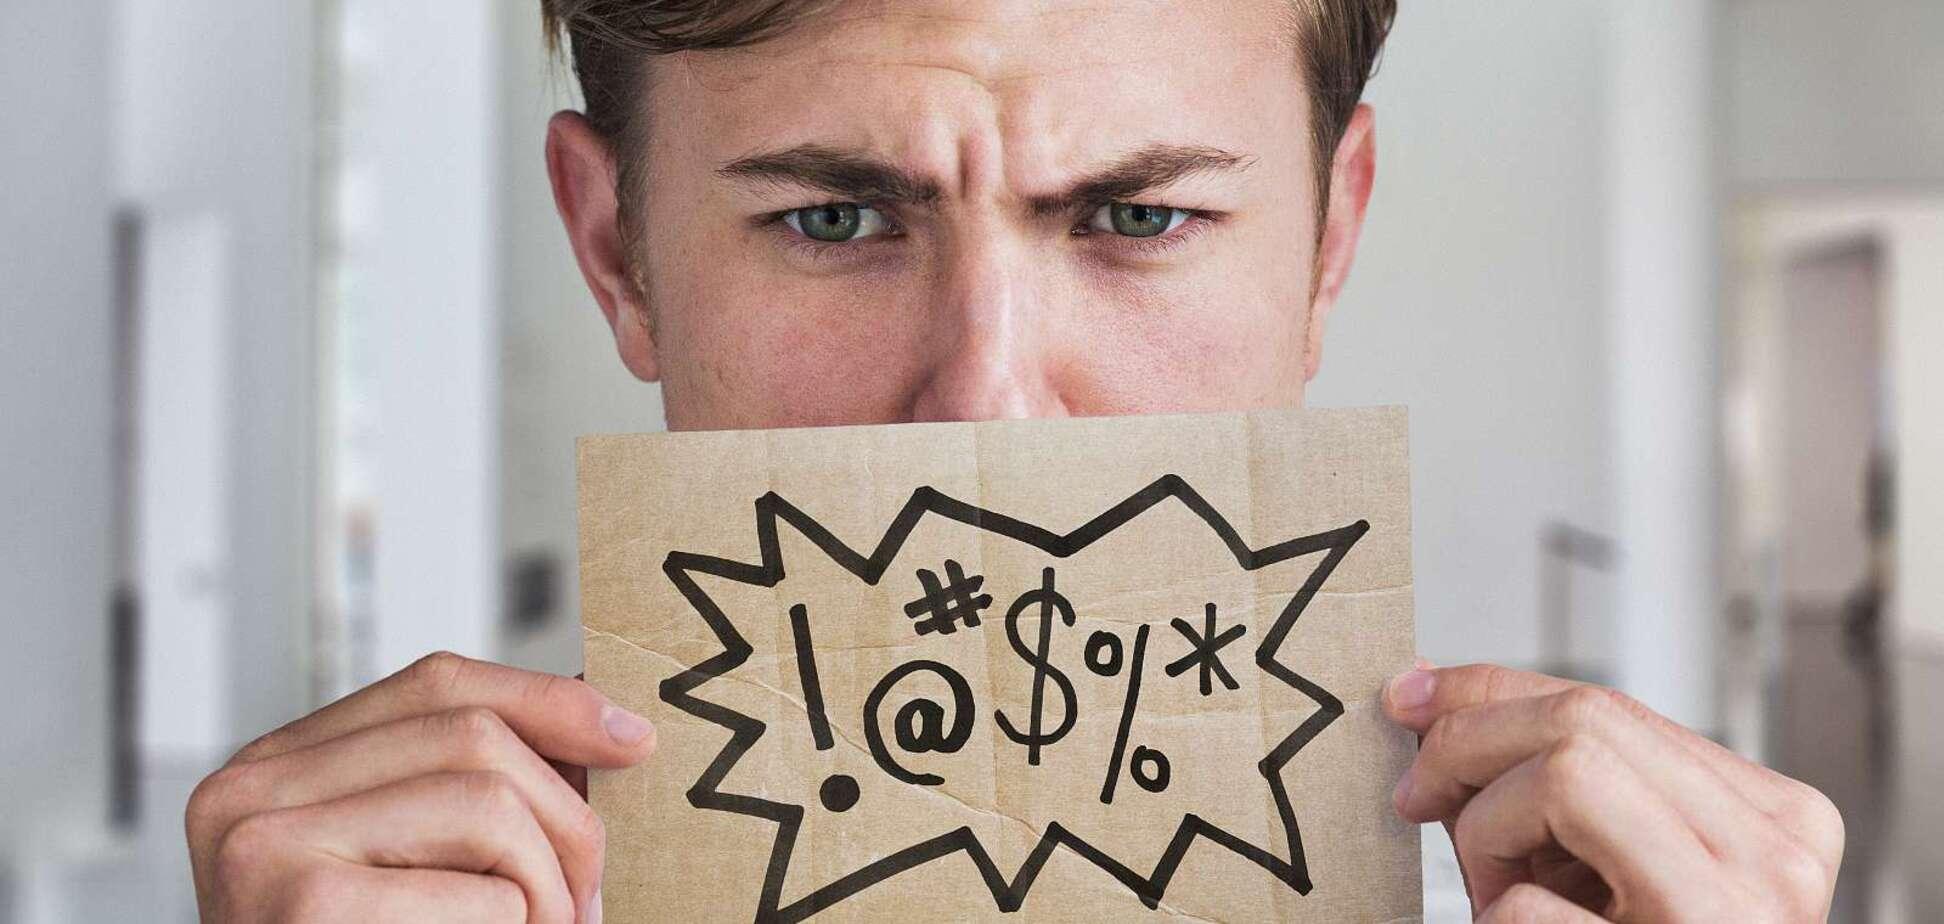 Нецензурная лексика является показателем честности и интеллекта – исследование